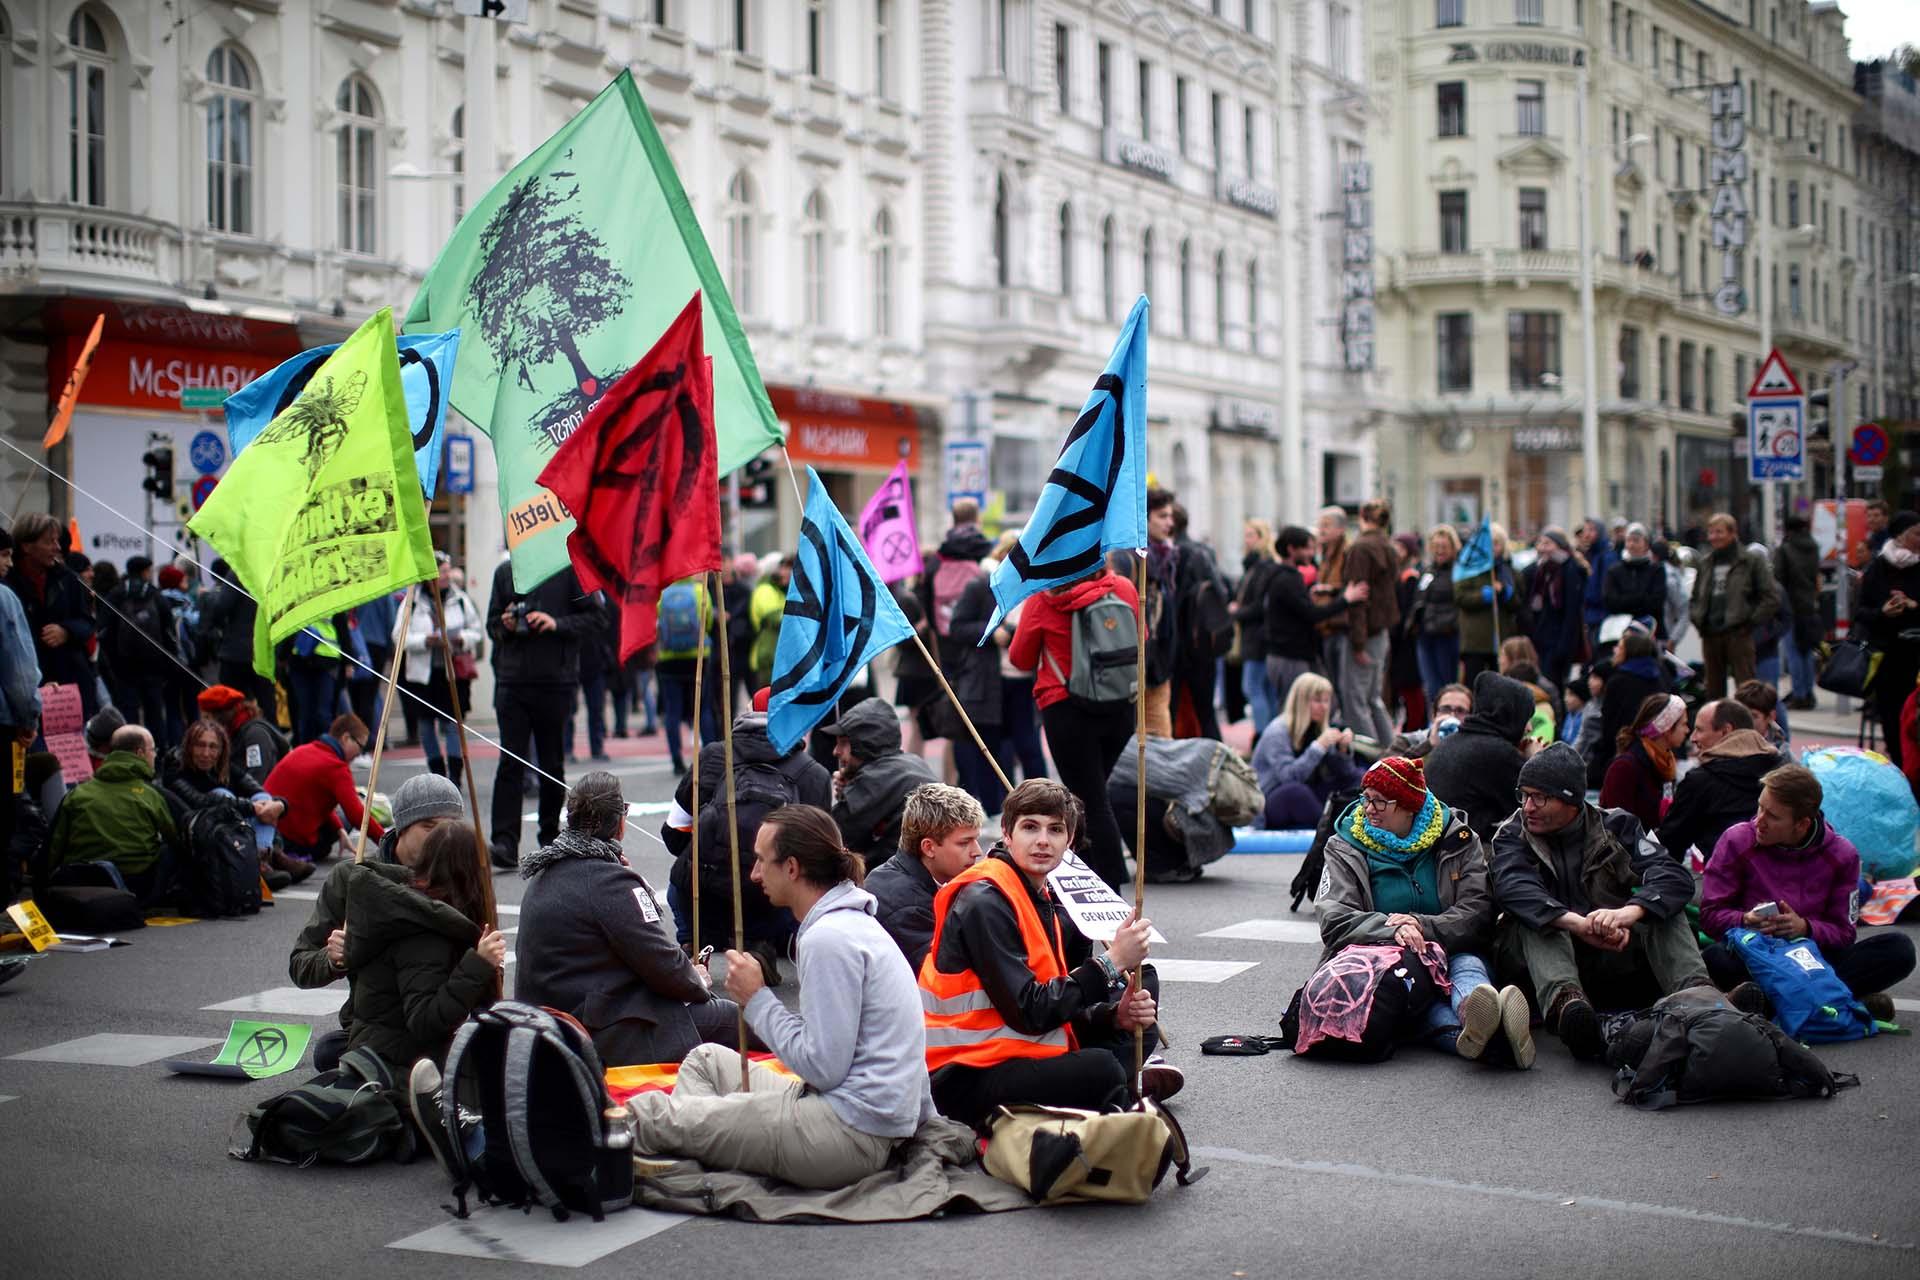 Activistas del cambio climático bloquean un camino durante la protesta de la Rebelión de la Extinción en Viena, Austria, el 7 de octubre de 2019. REUTERS / Lisi Niesner